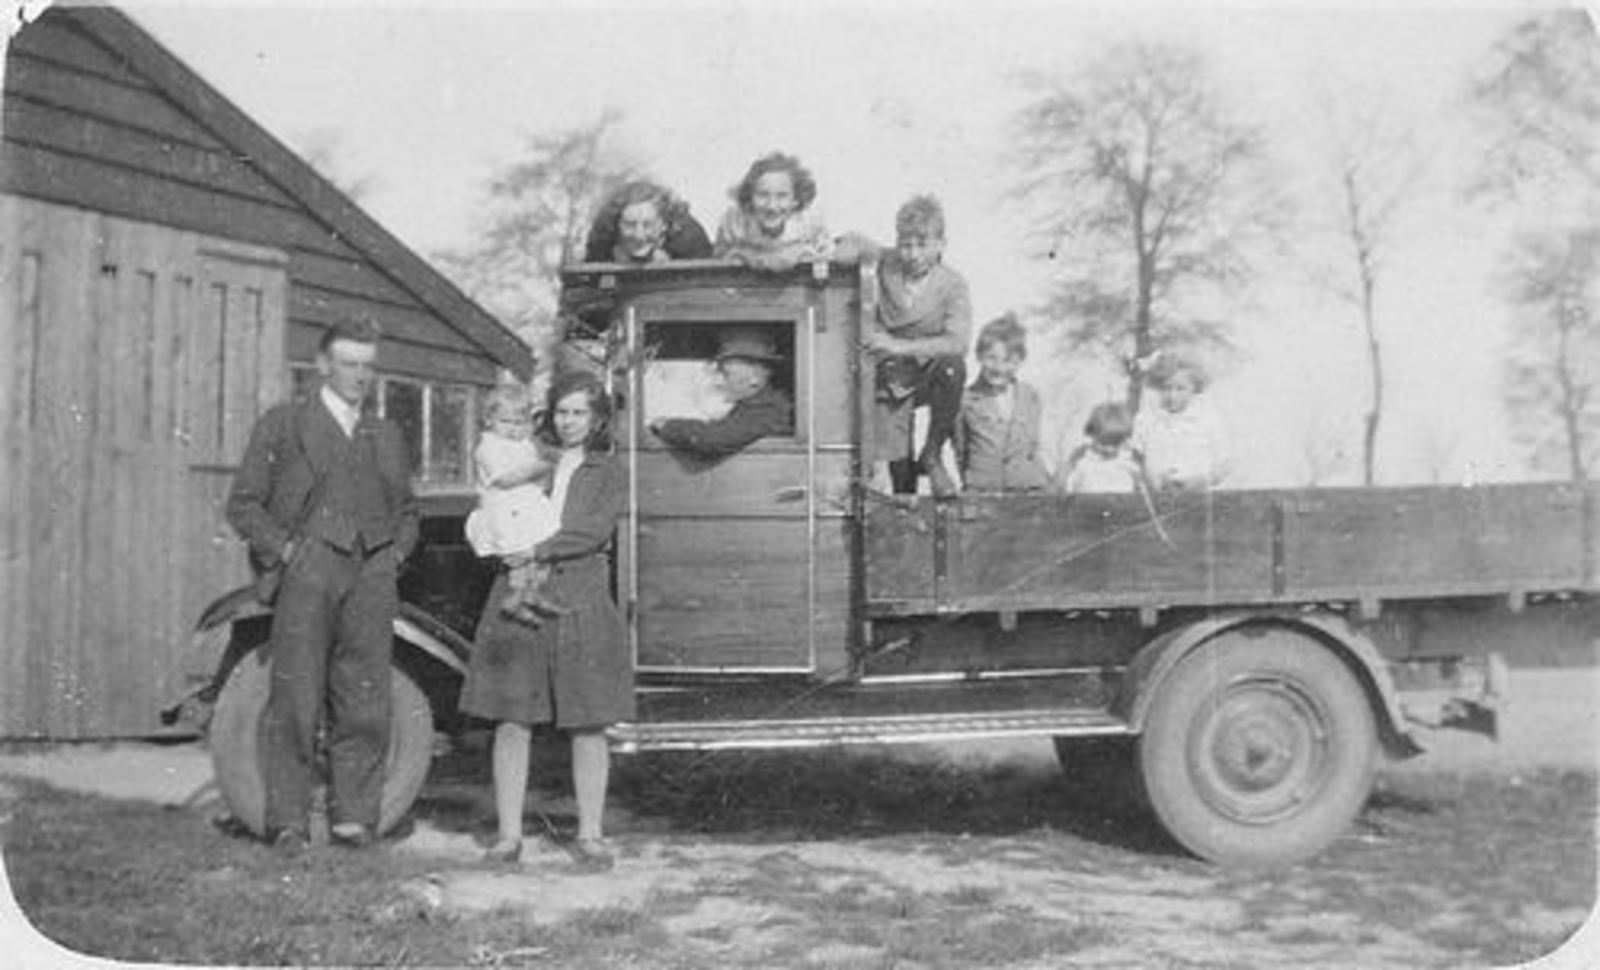 Es Teunis v 1906 1934± met Familie bij Chevrolet Vrachtauto 02